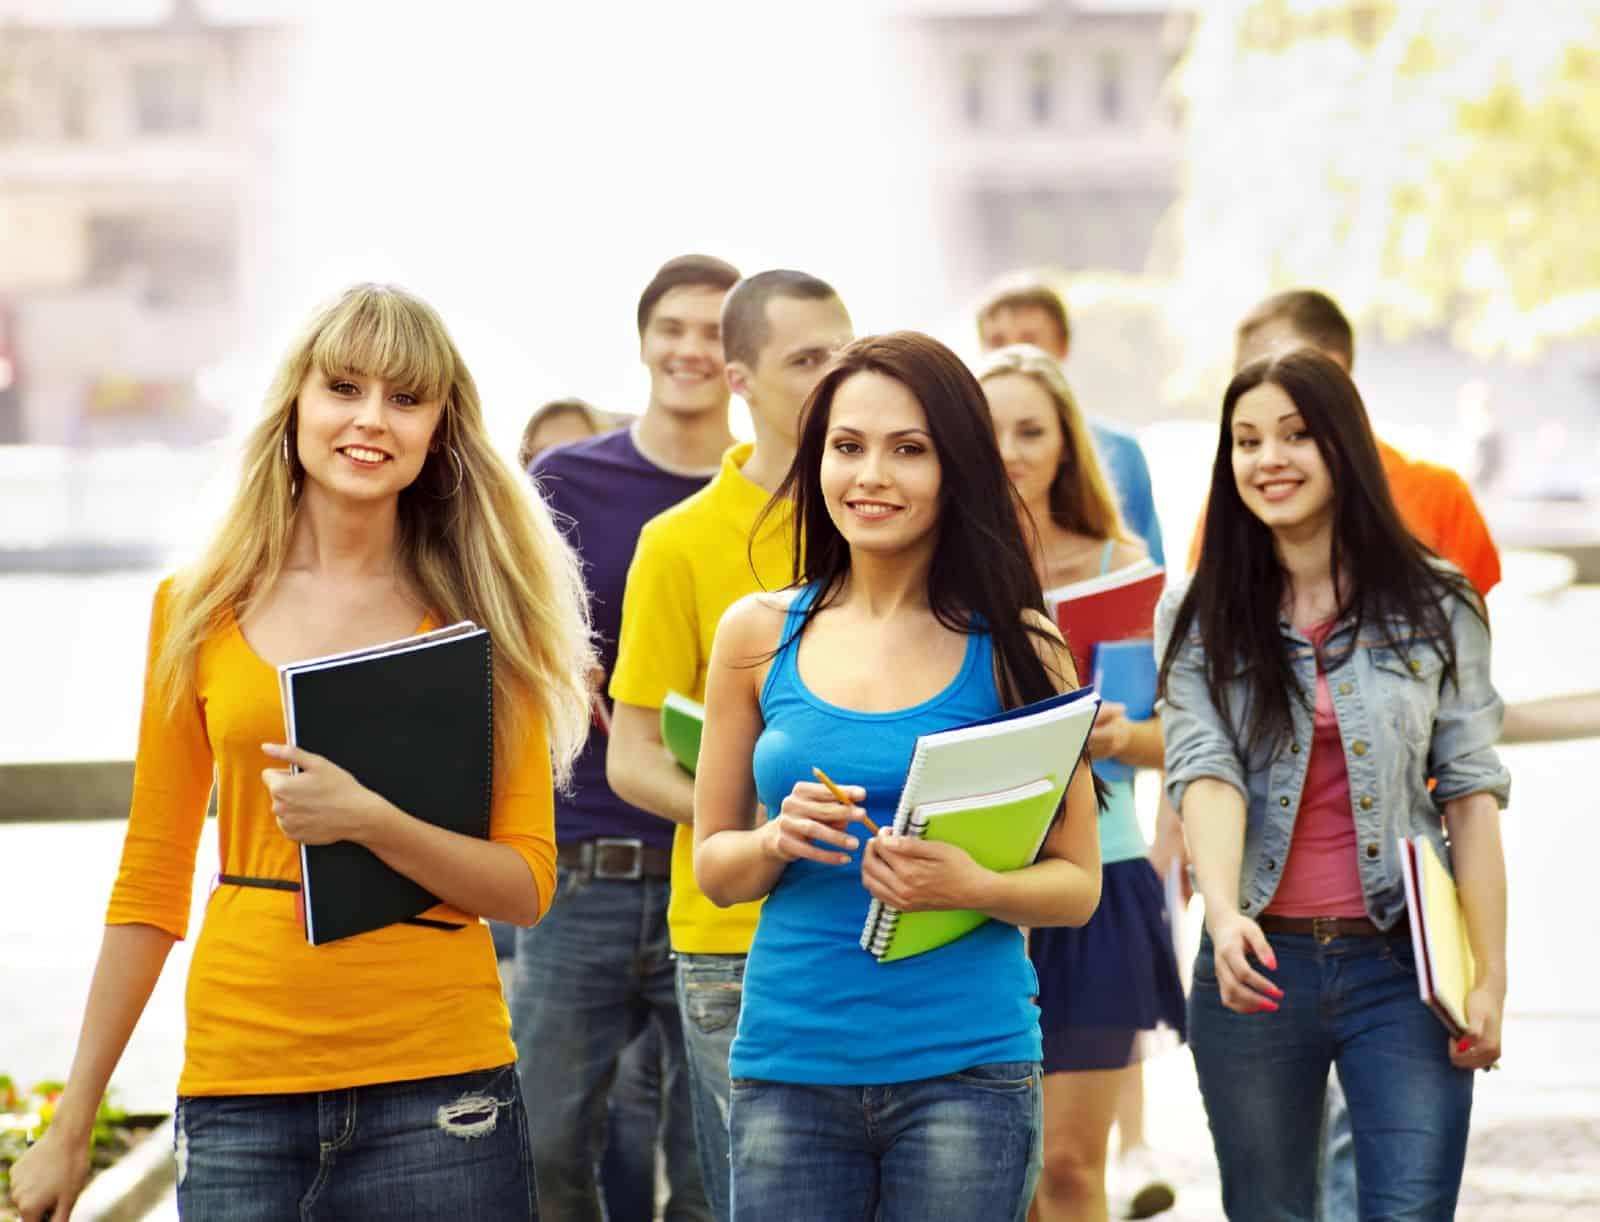 Предоставление и оплата учебного отпуска согласно ТК РФ Что нужно заочнику чтобы выйти в учебный отпуск с деньгами